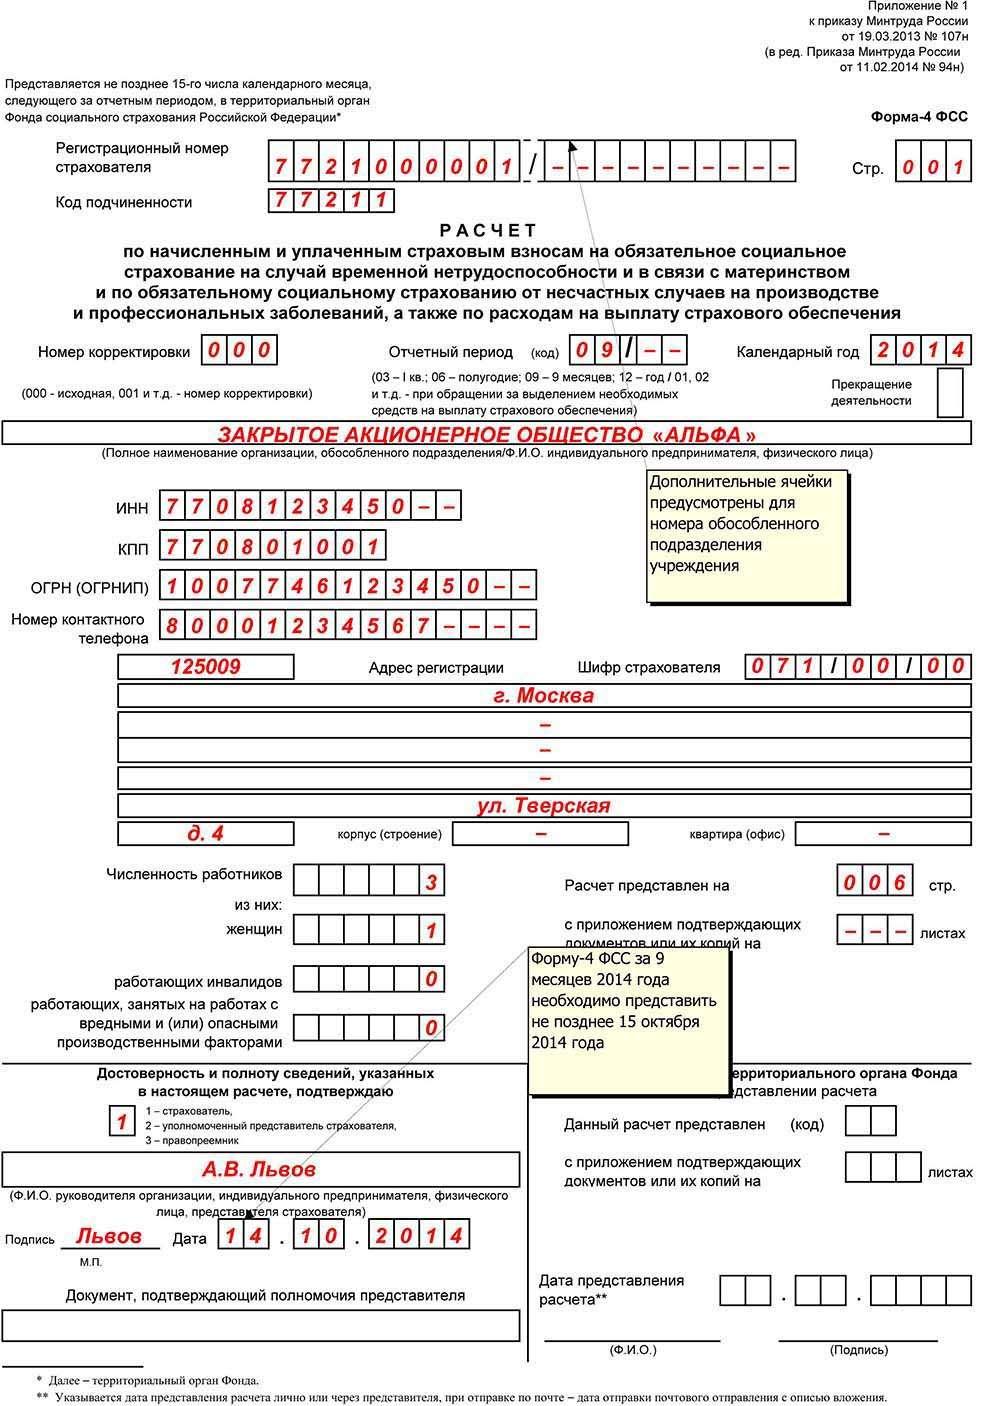 Пример заполнения расчета 4-ФСС за 9 месяцев 2014 года